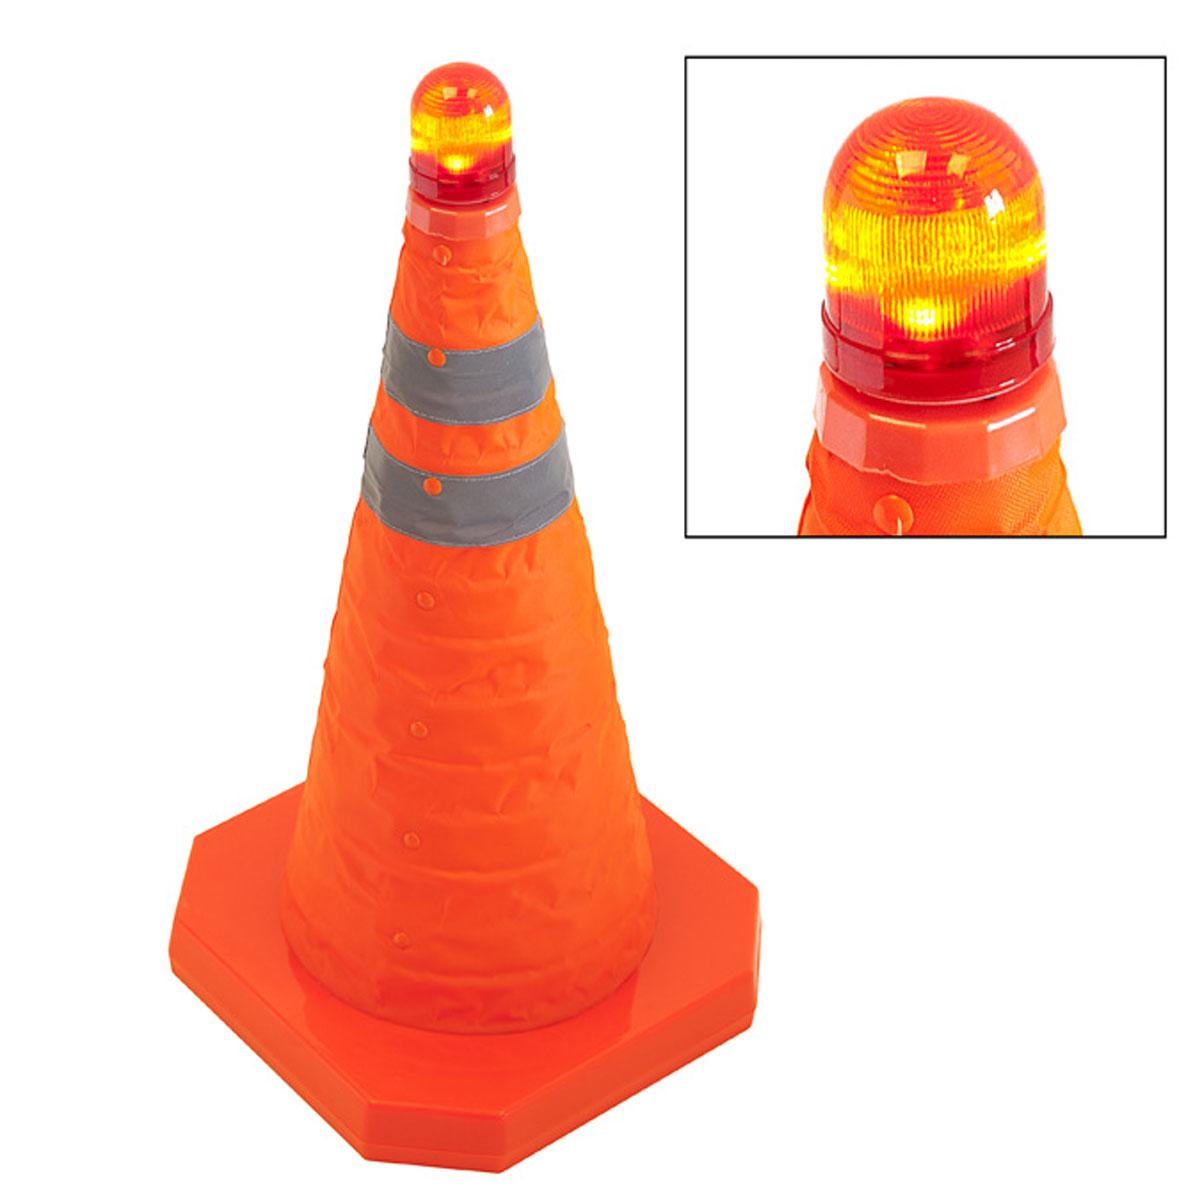 Cọc tiêu giao thông xếp gọn có đèn chớp